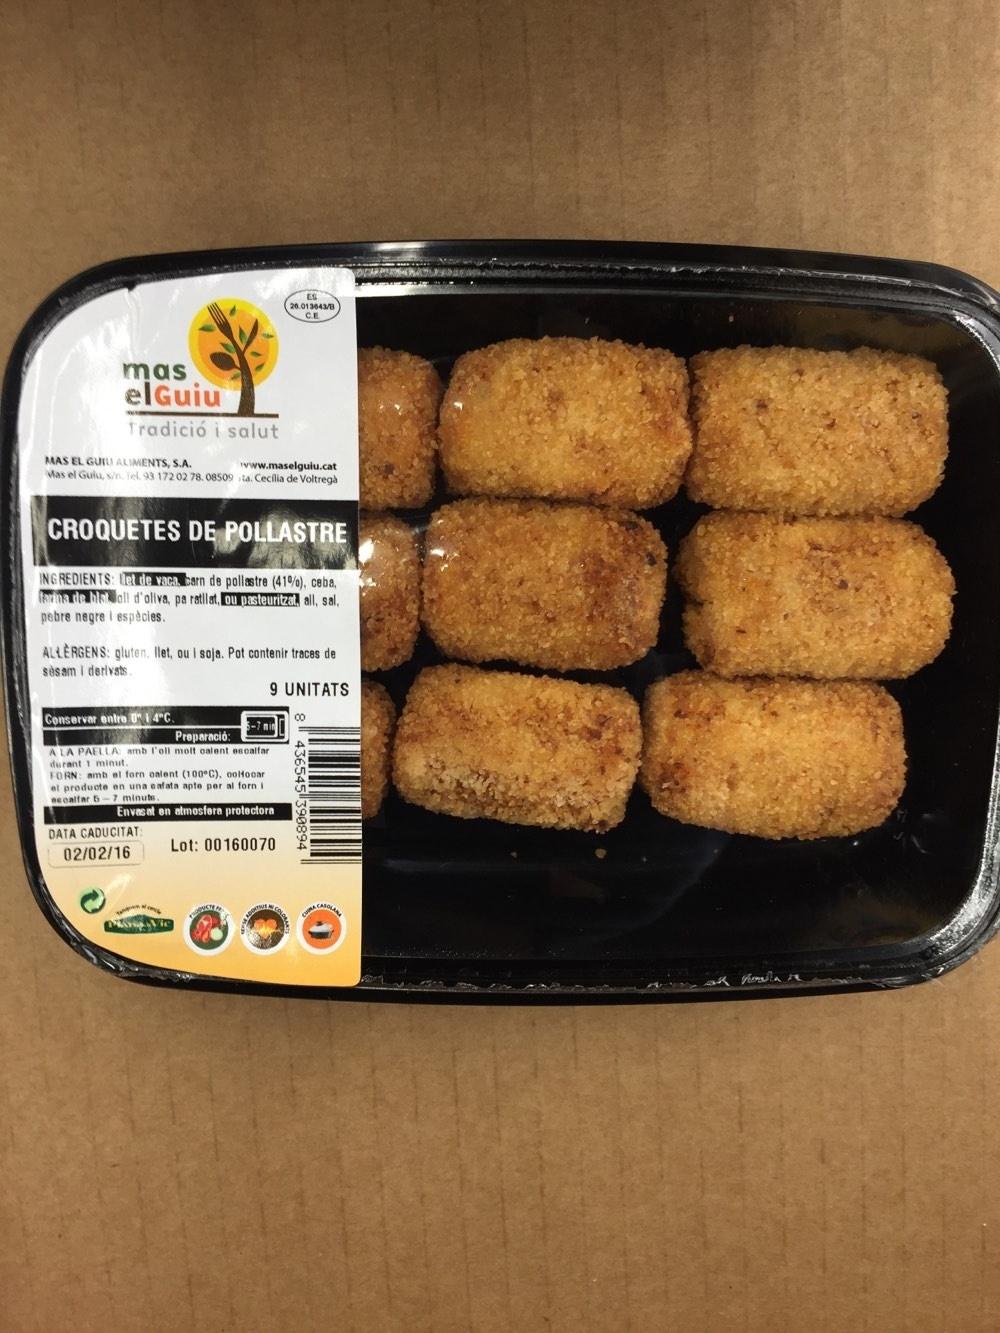 Croquetes de pollastre - Product - fr